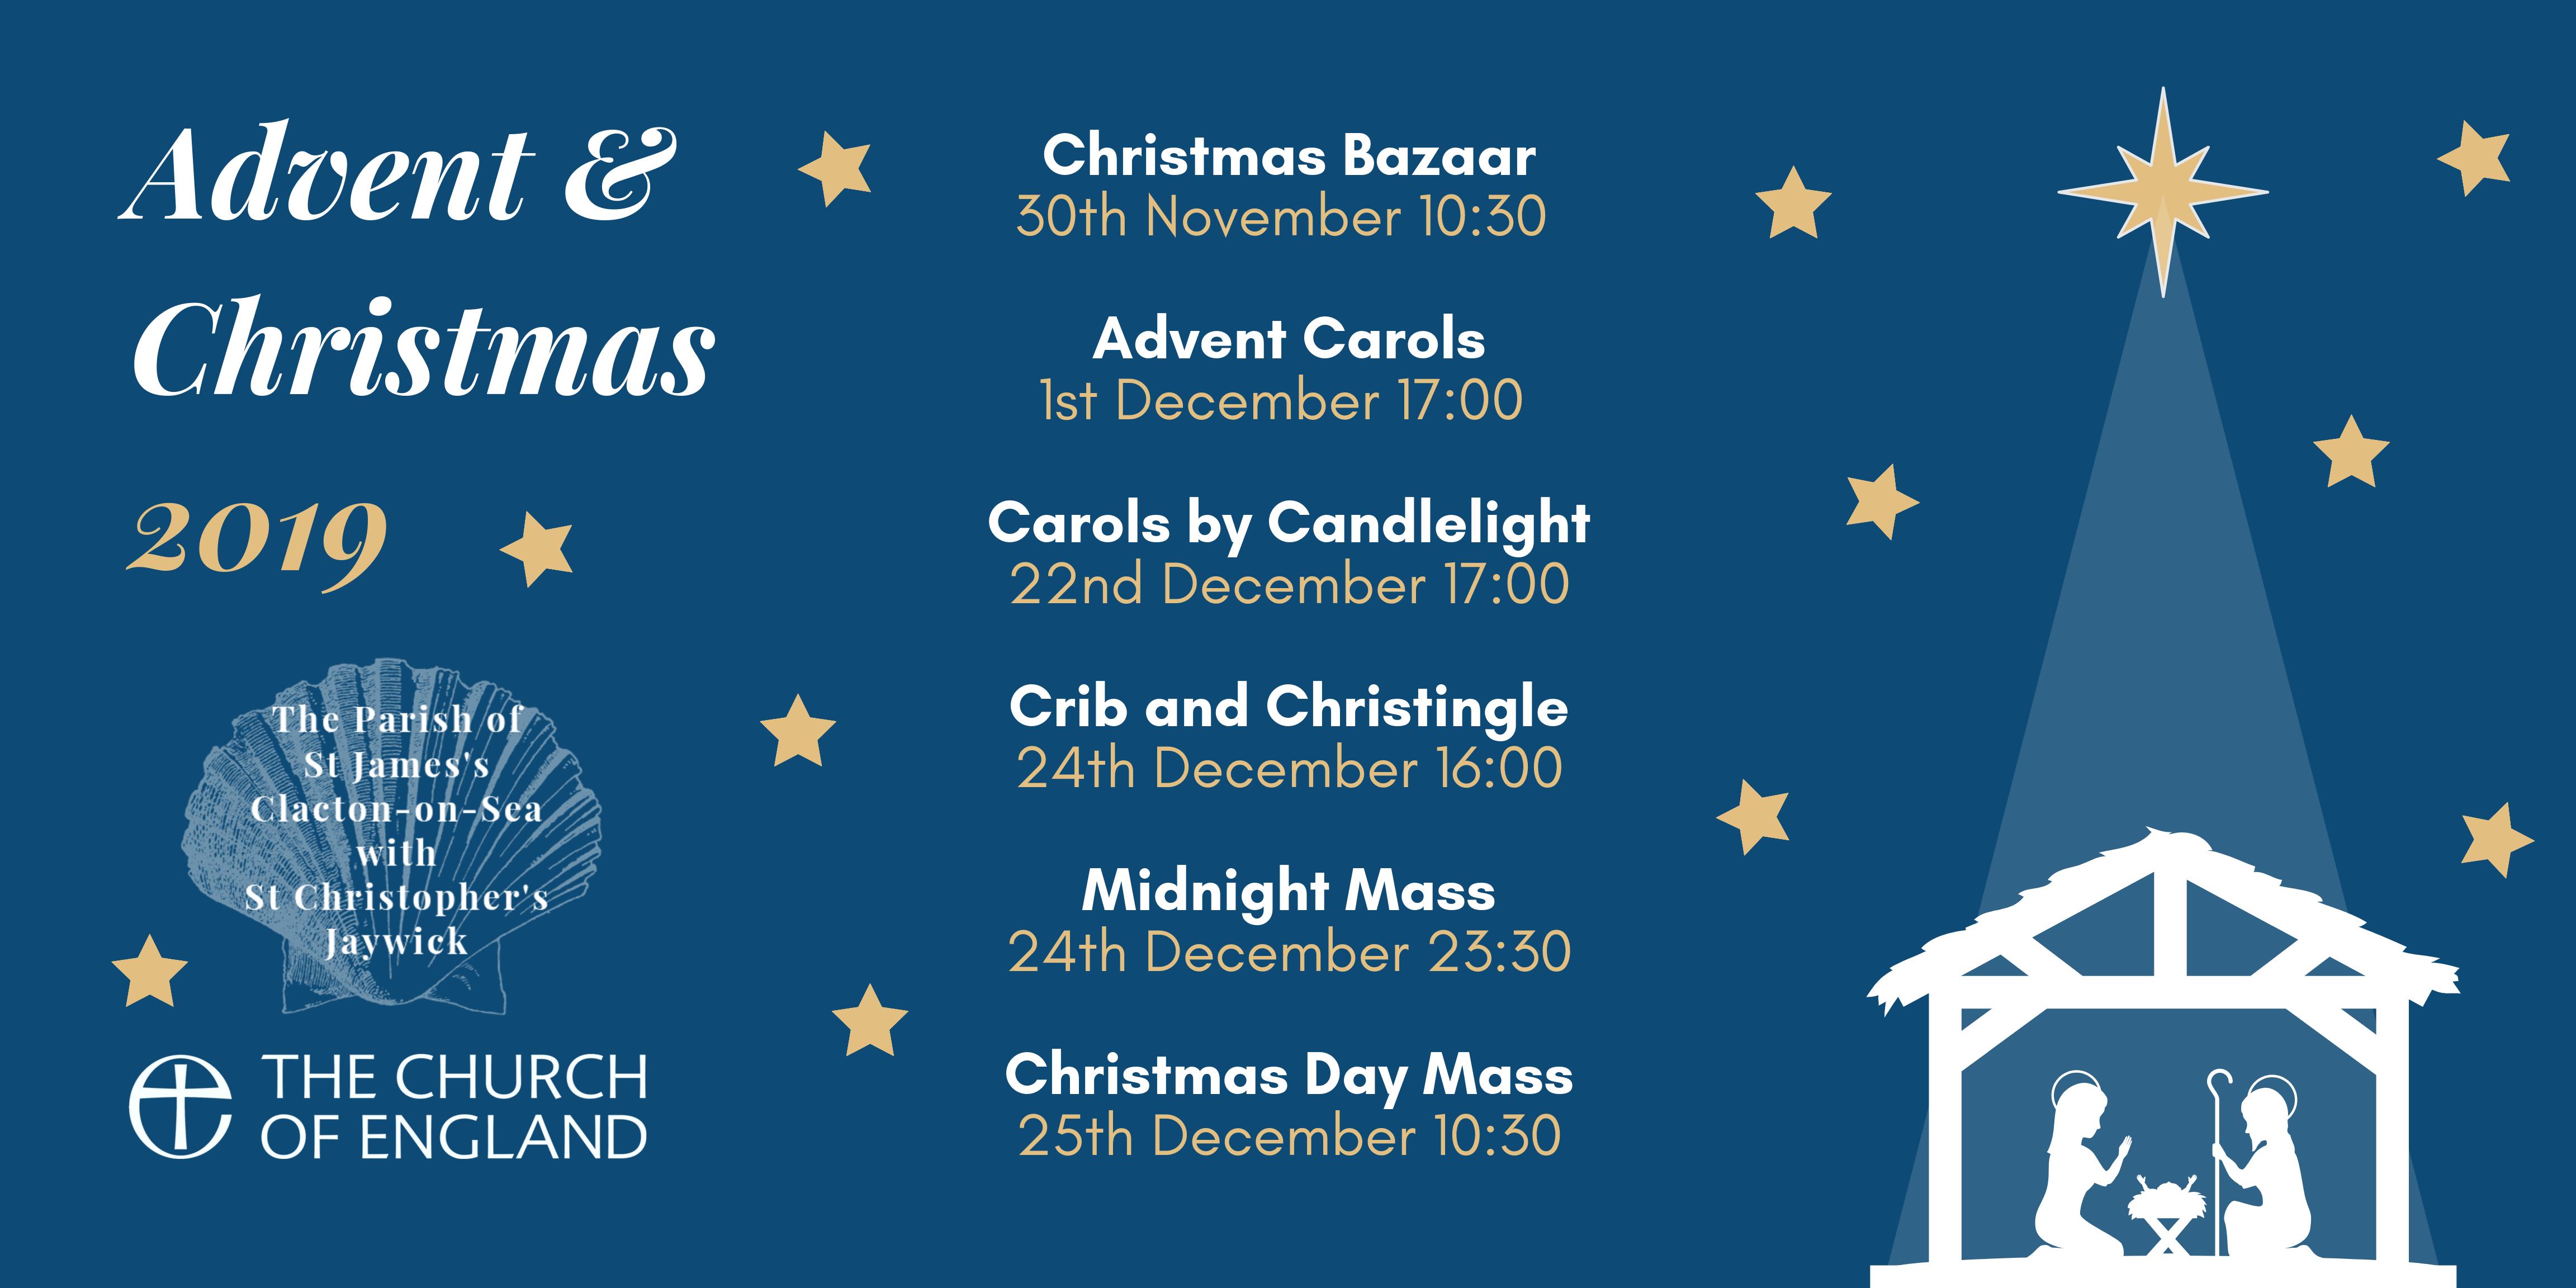 Christmas Banner 2019